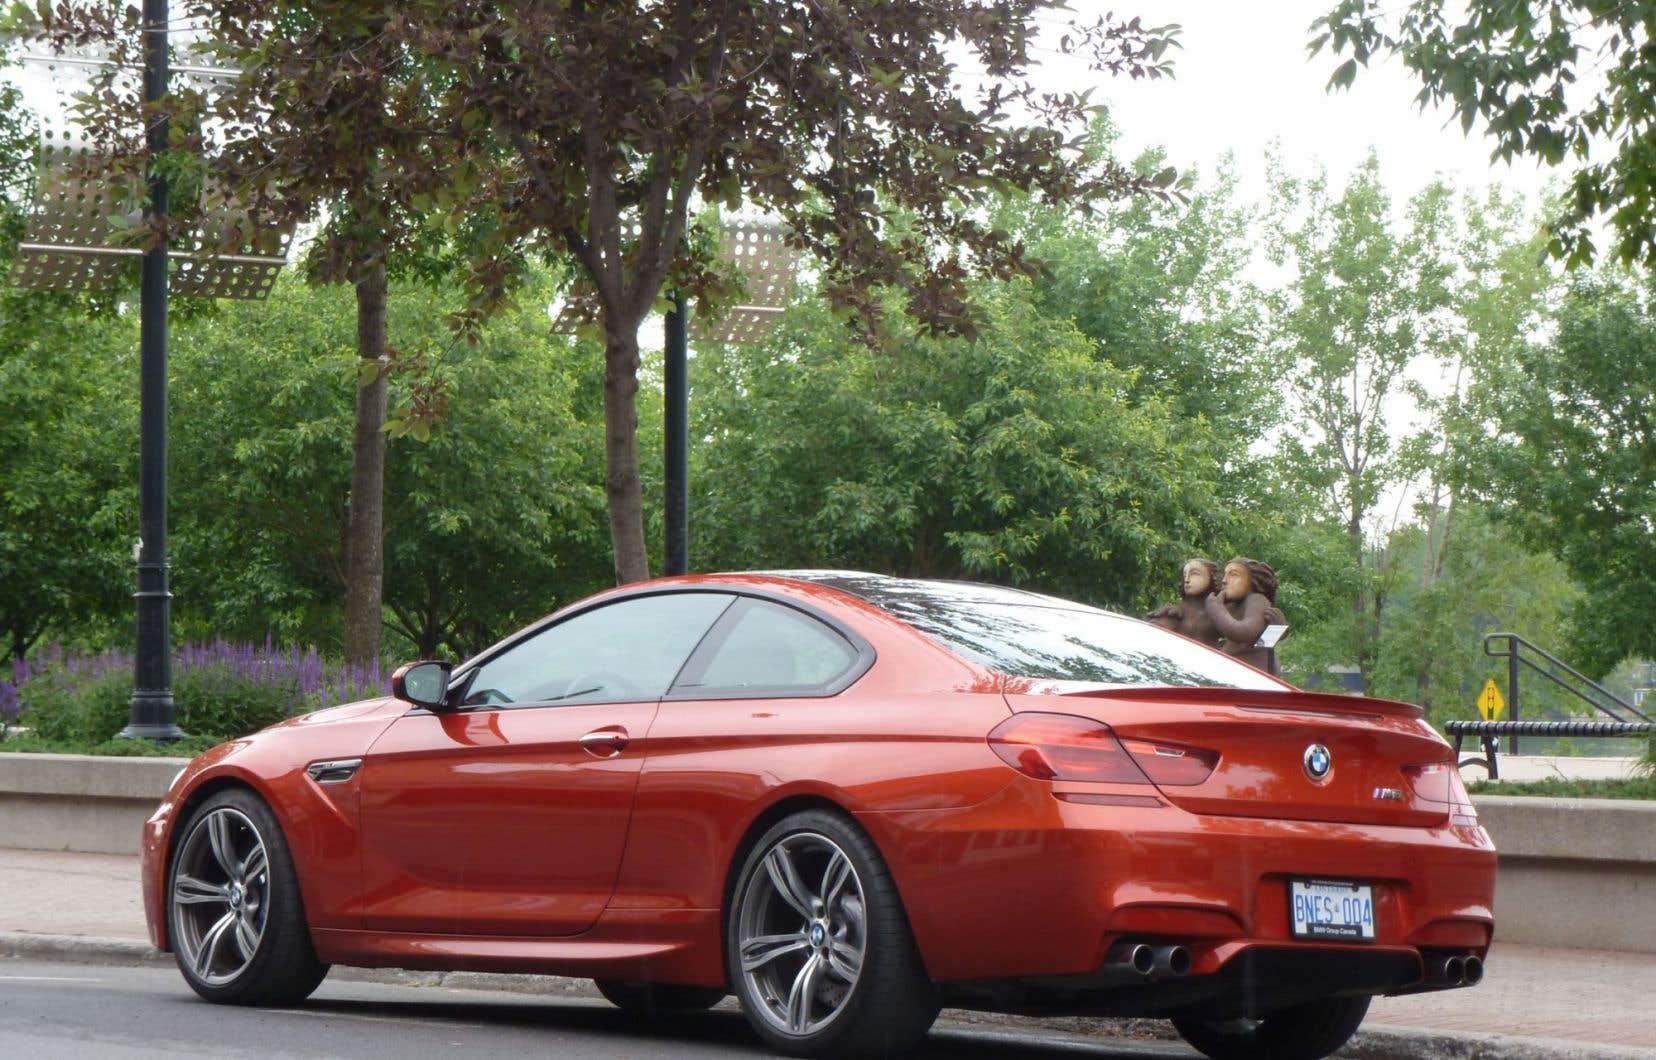 Avec la BMW M6, on peut choisir la conduite à la carte: sportive, ultra-sportive ou, à l'opposé, la promenade. Il y a plus de 125 possibilités de réglages pour le châssis, la direction, la suspension, la boîte de vitesses…